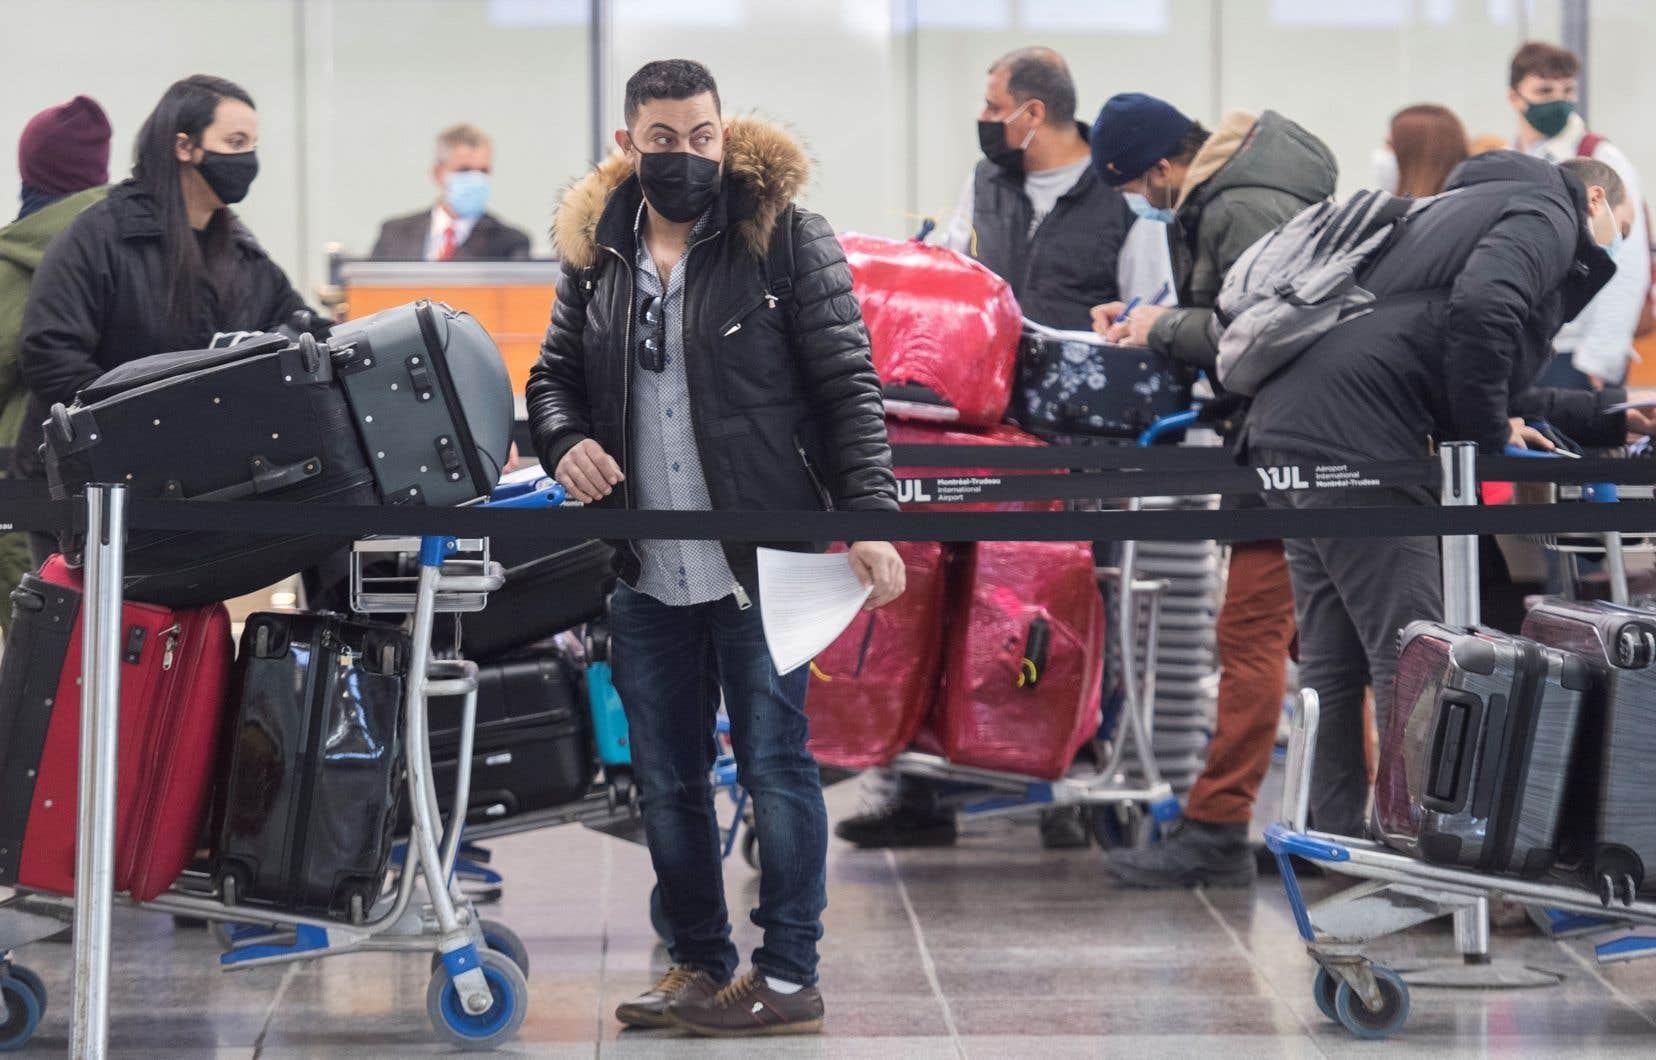 L'année 2020 nous a rappelé à quel point l'encadrement de la mondialisation est déficient au Canada. À commencer, avec la pandémie de COVID-19, par la gestion inepte de nos frontières par Ottawa, qui permet encore les voyages non essentiels, déplore l'auteur.